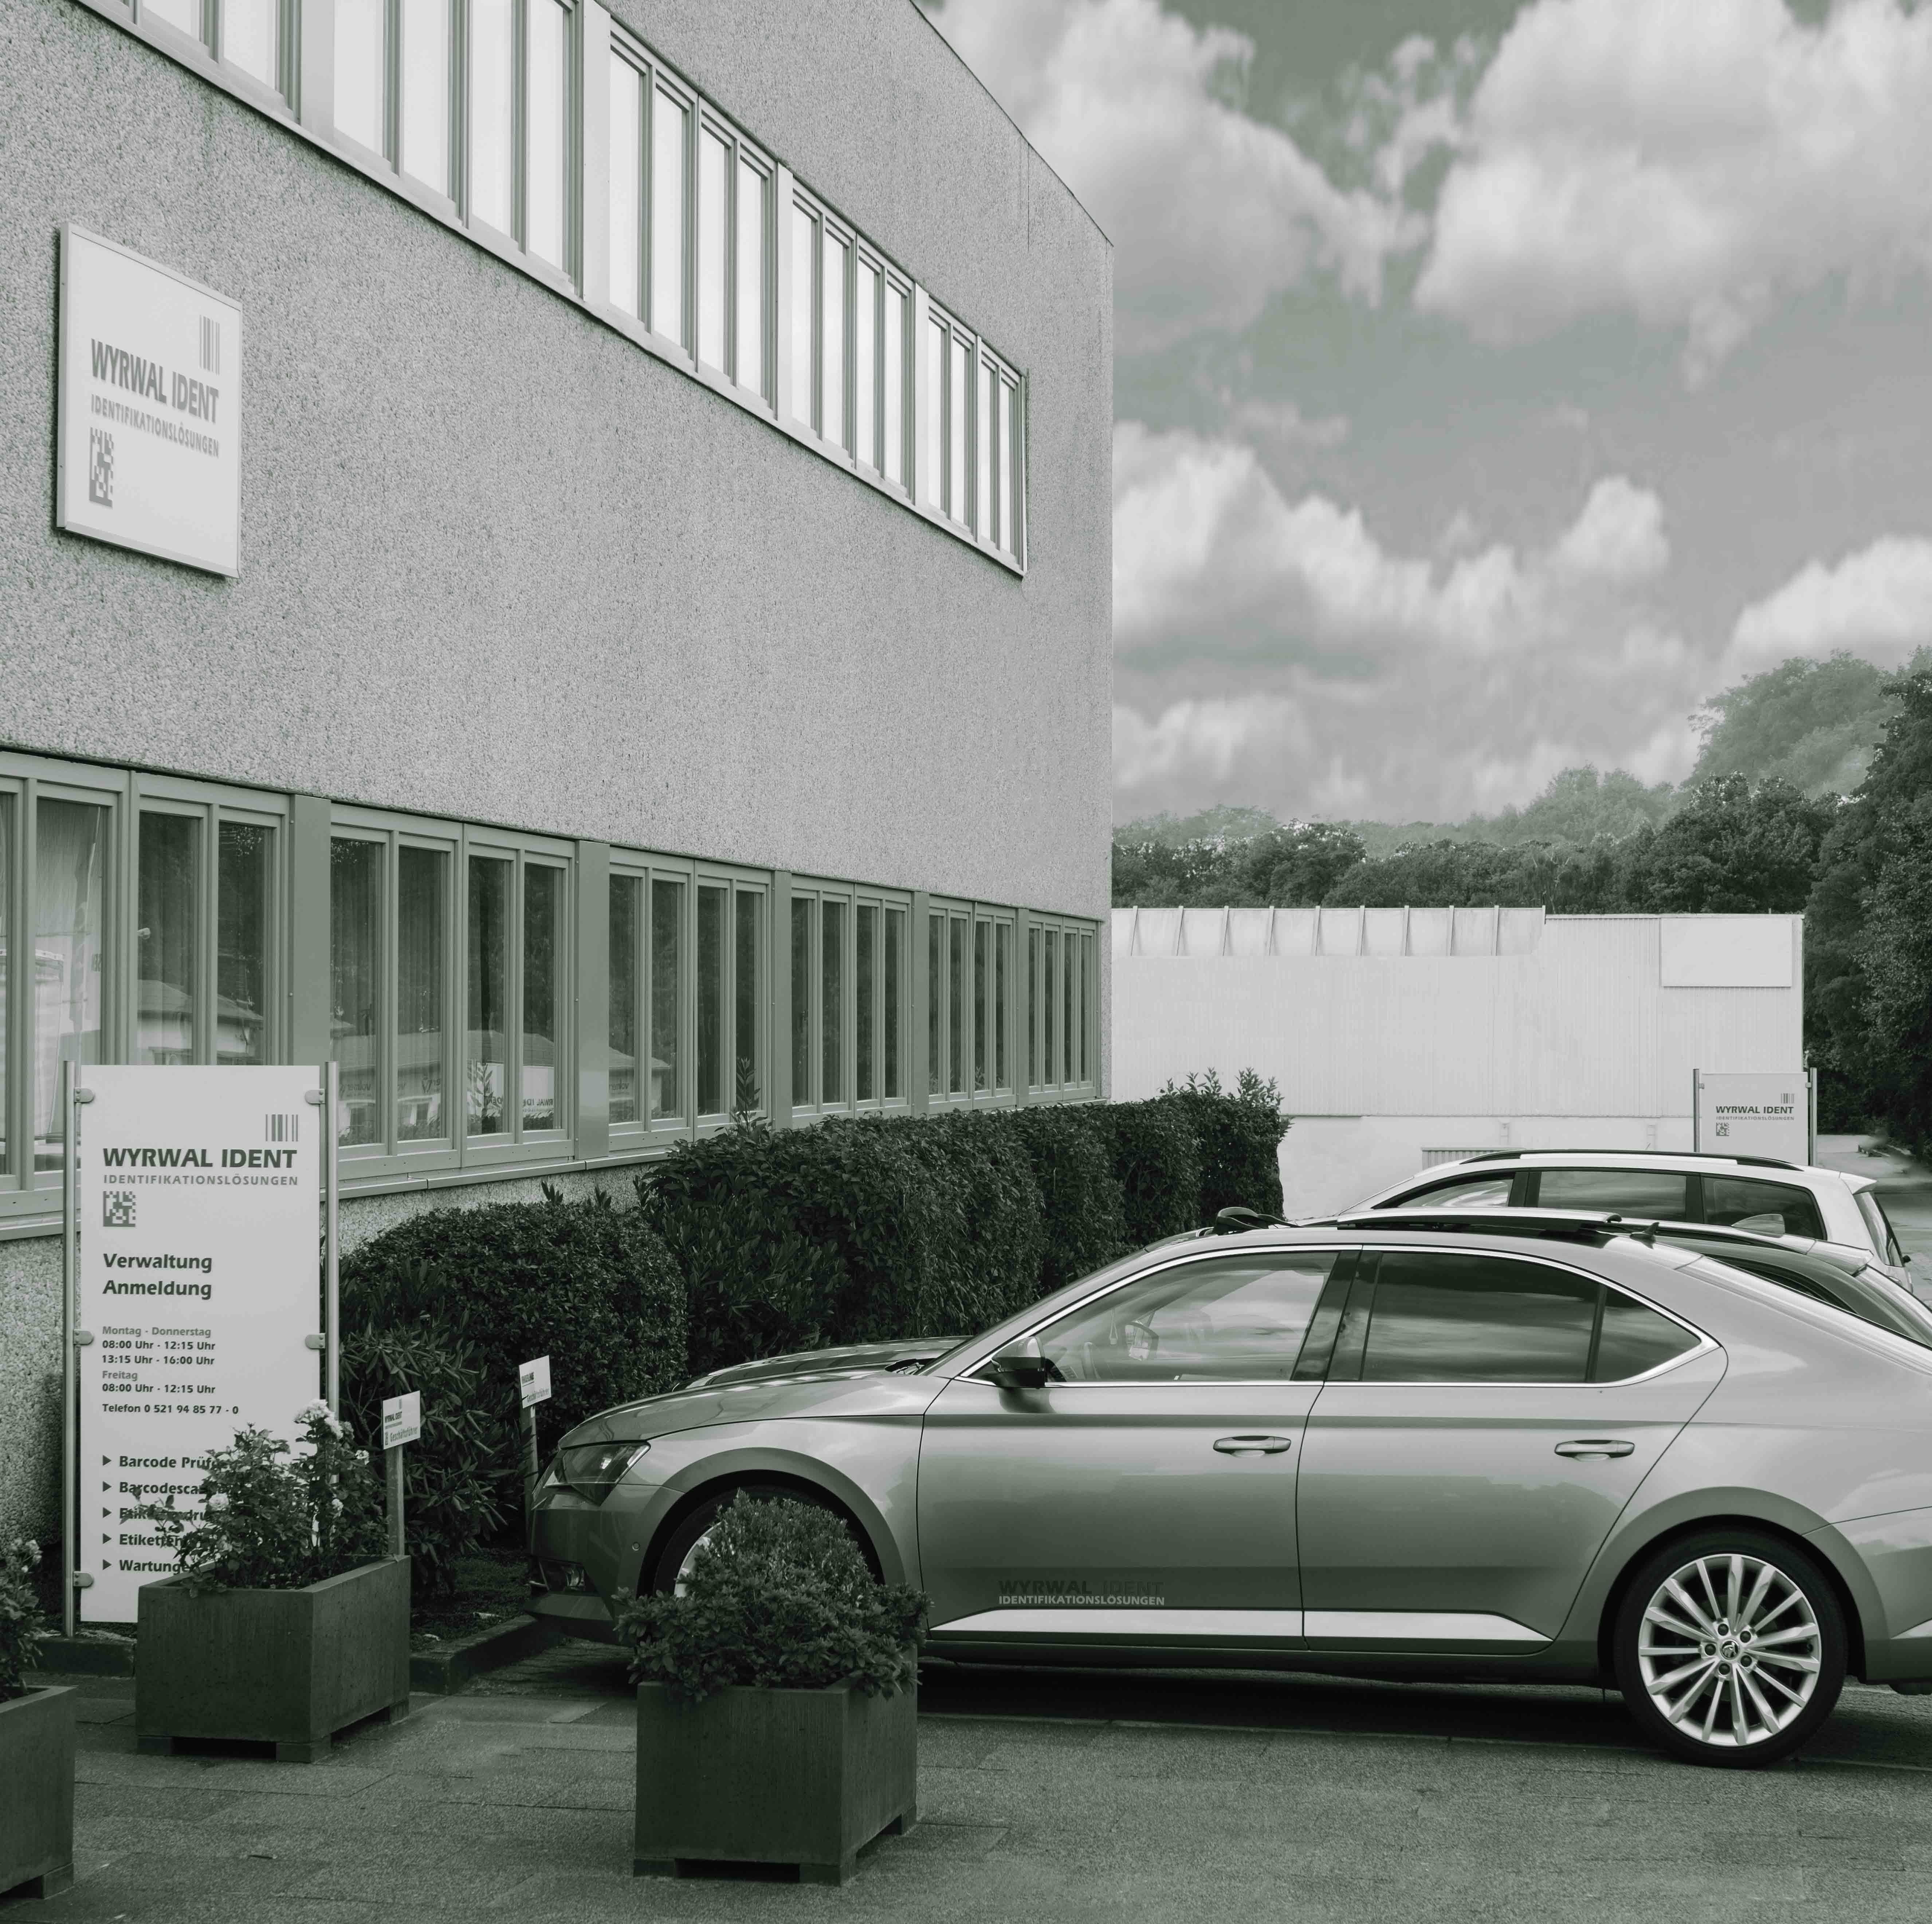 WYRWAL IDENT mit Firmensitz in Bielefeld